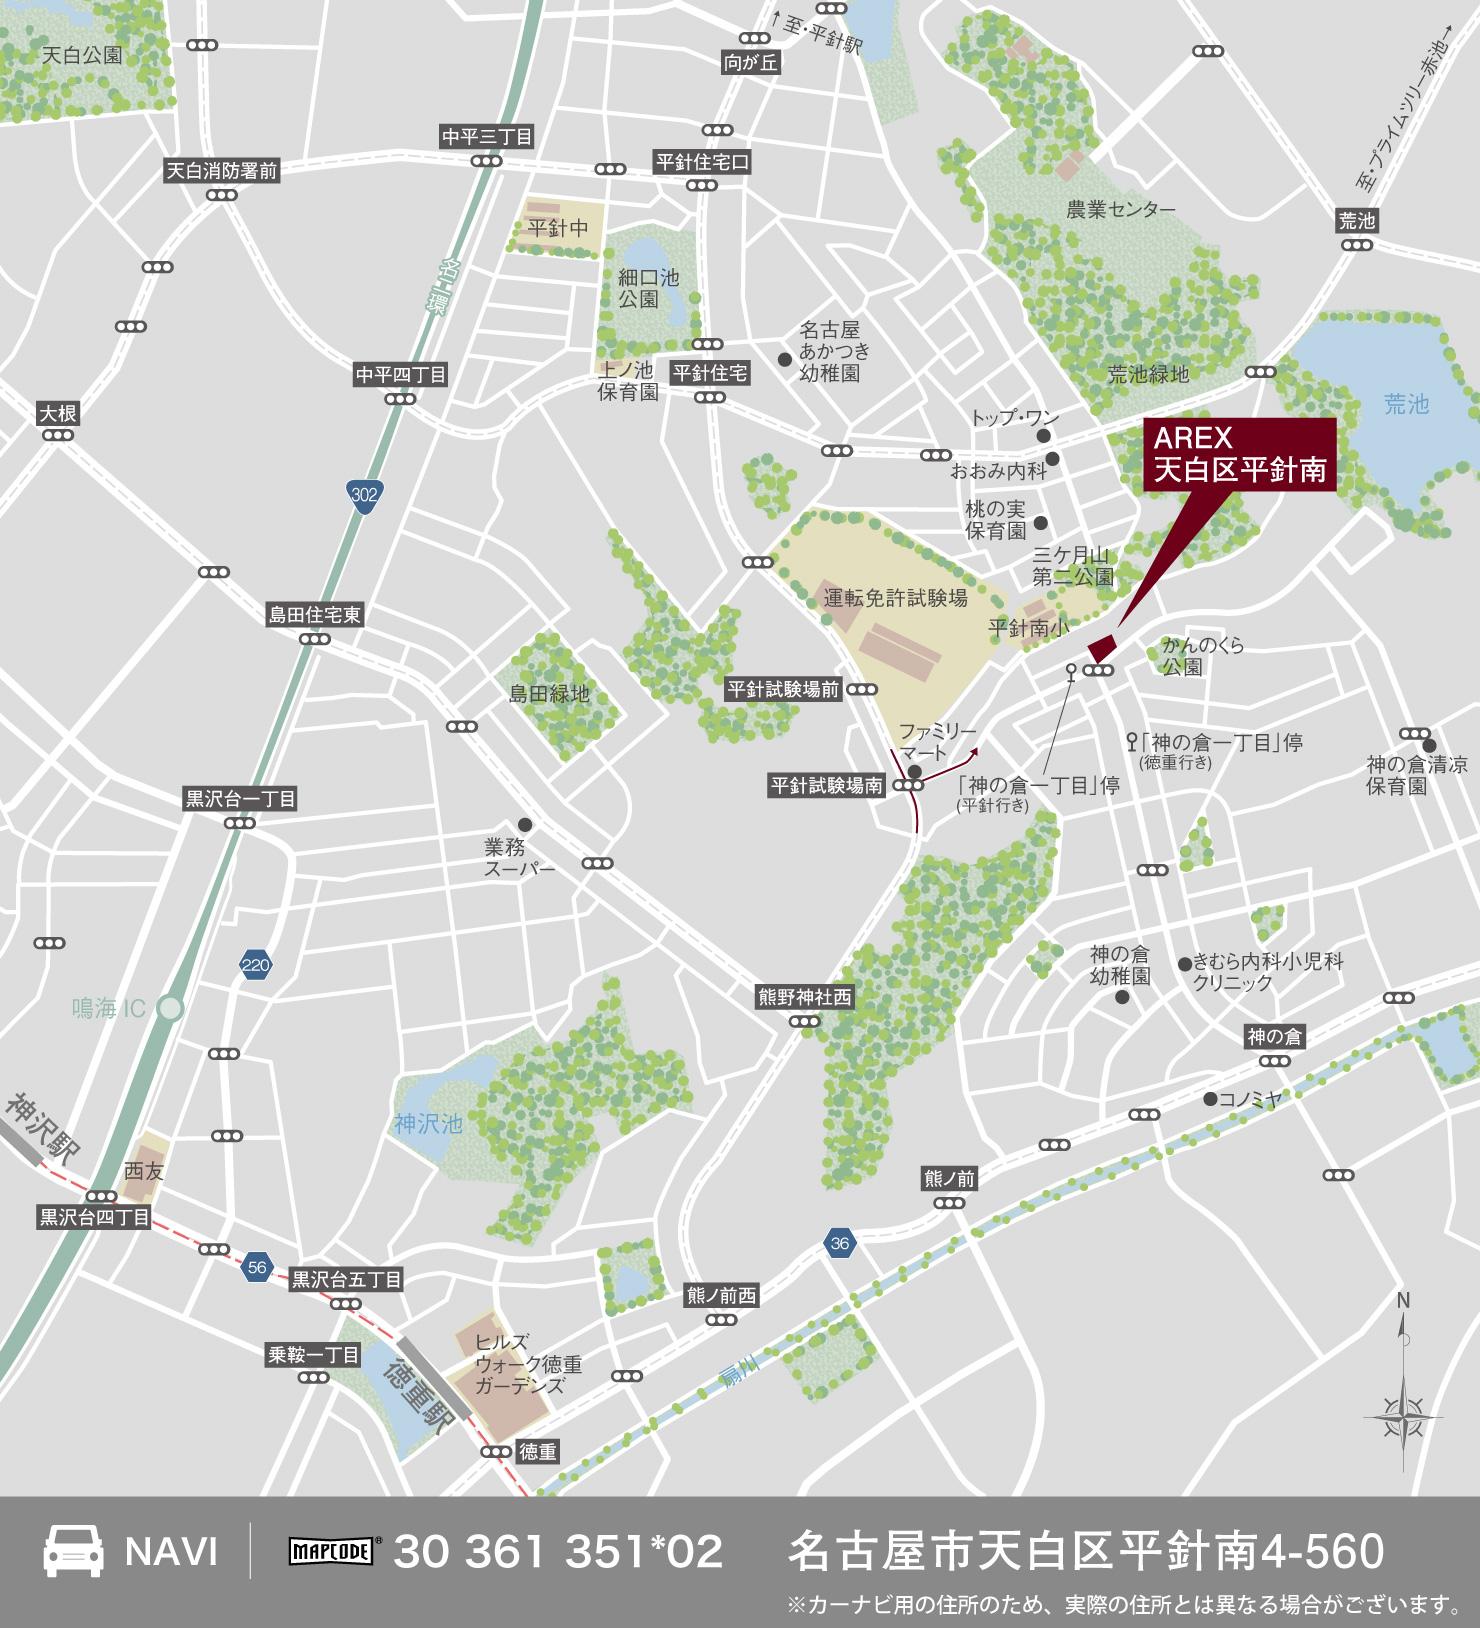 3_地図_天白区平針南